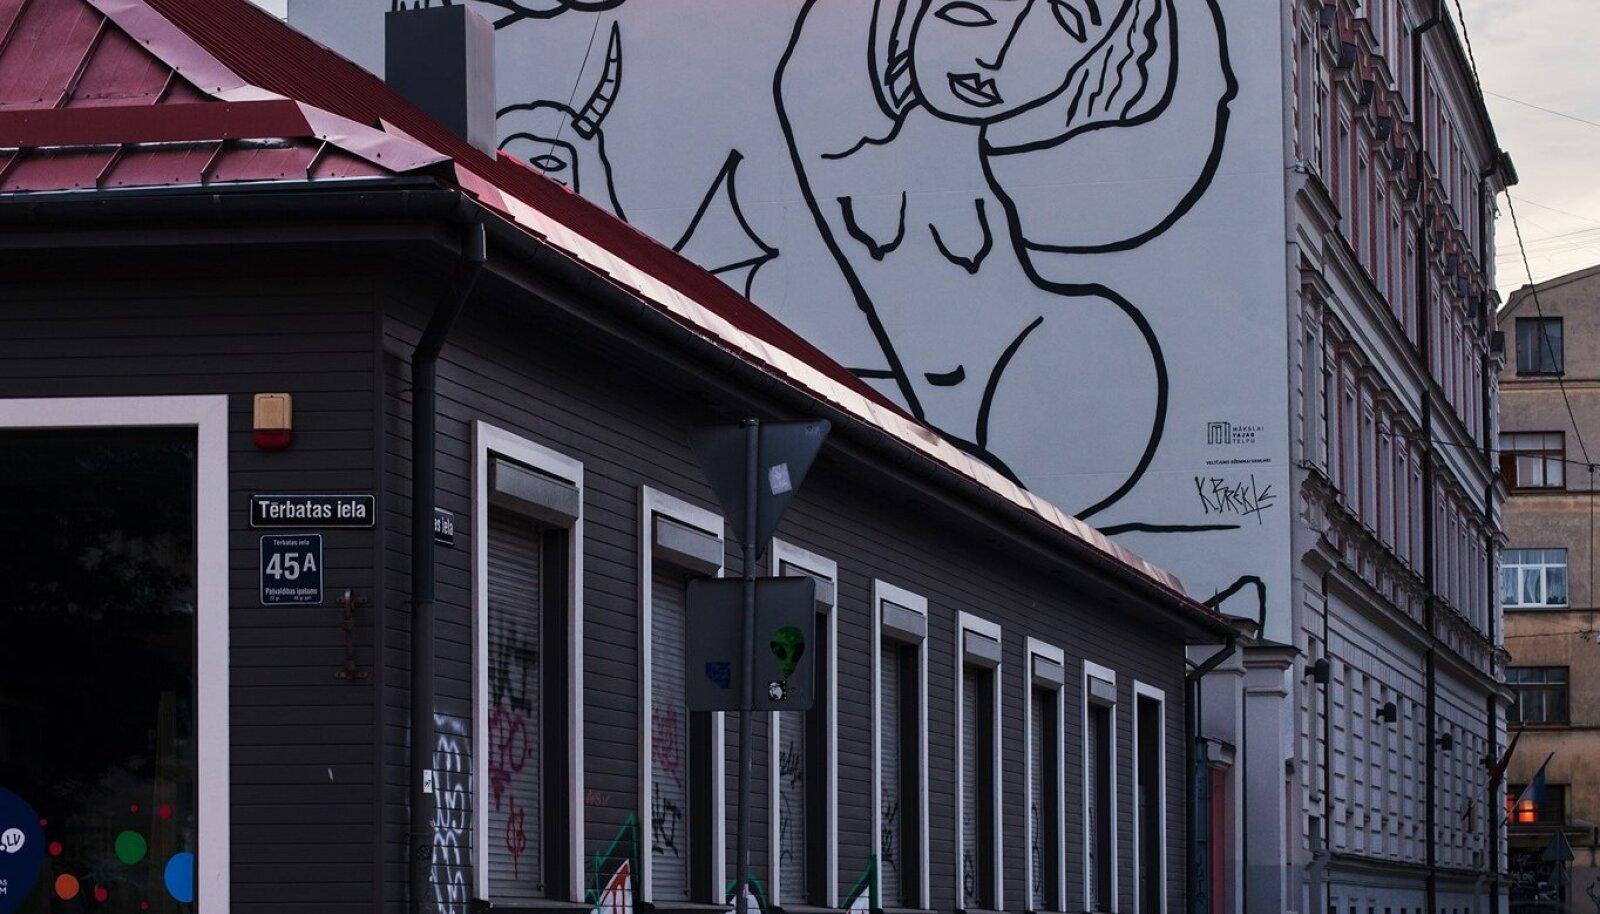 Selline seinamaal tõi Riias pahanduse kaasa.